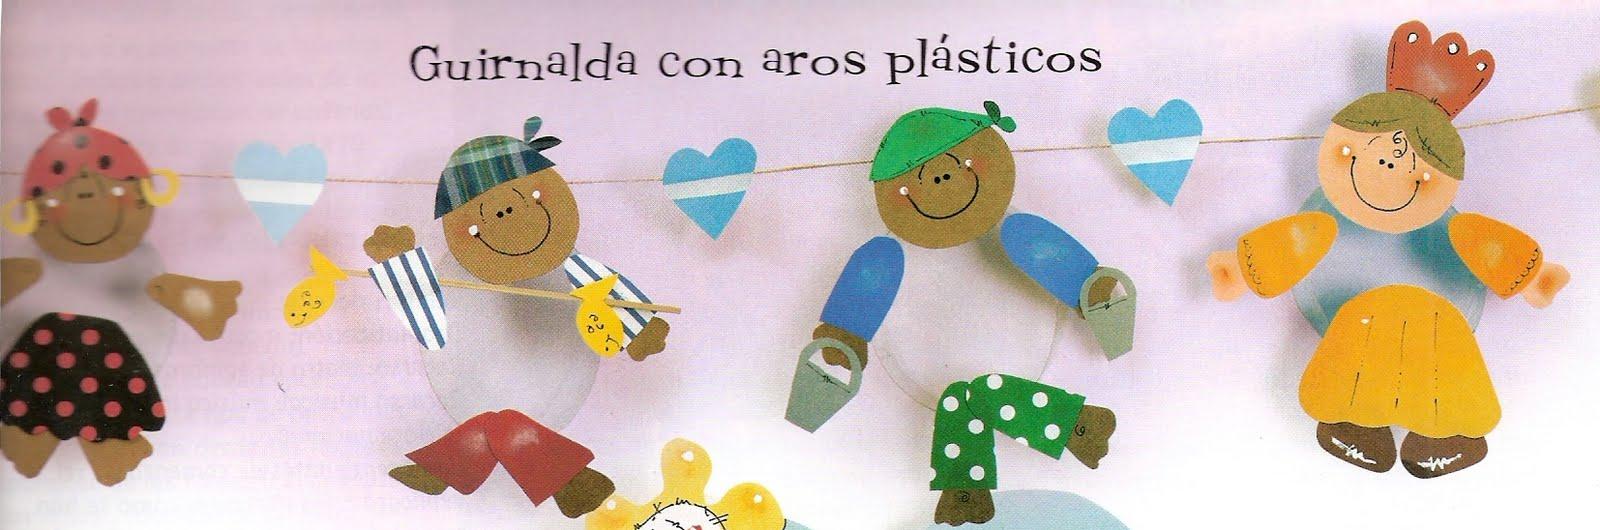 el rincon de la infancia 25 de mayo poesia aroma de